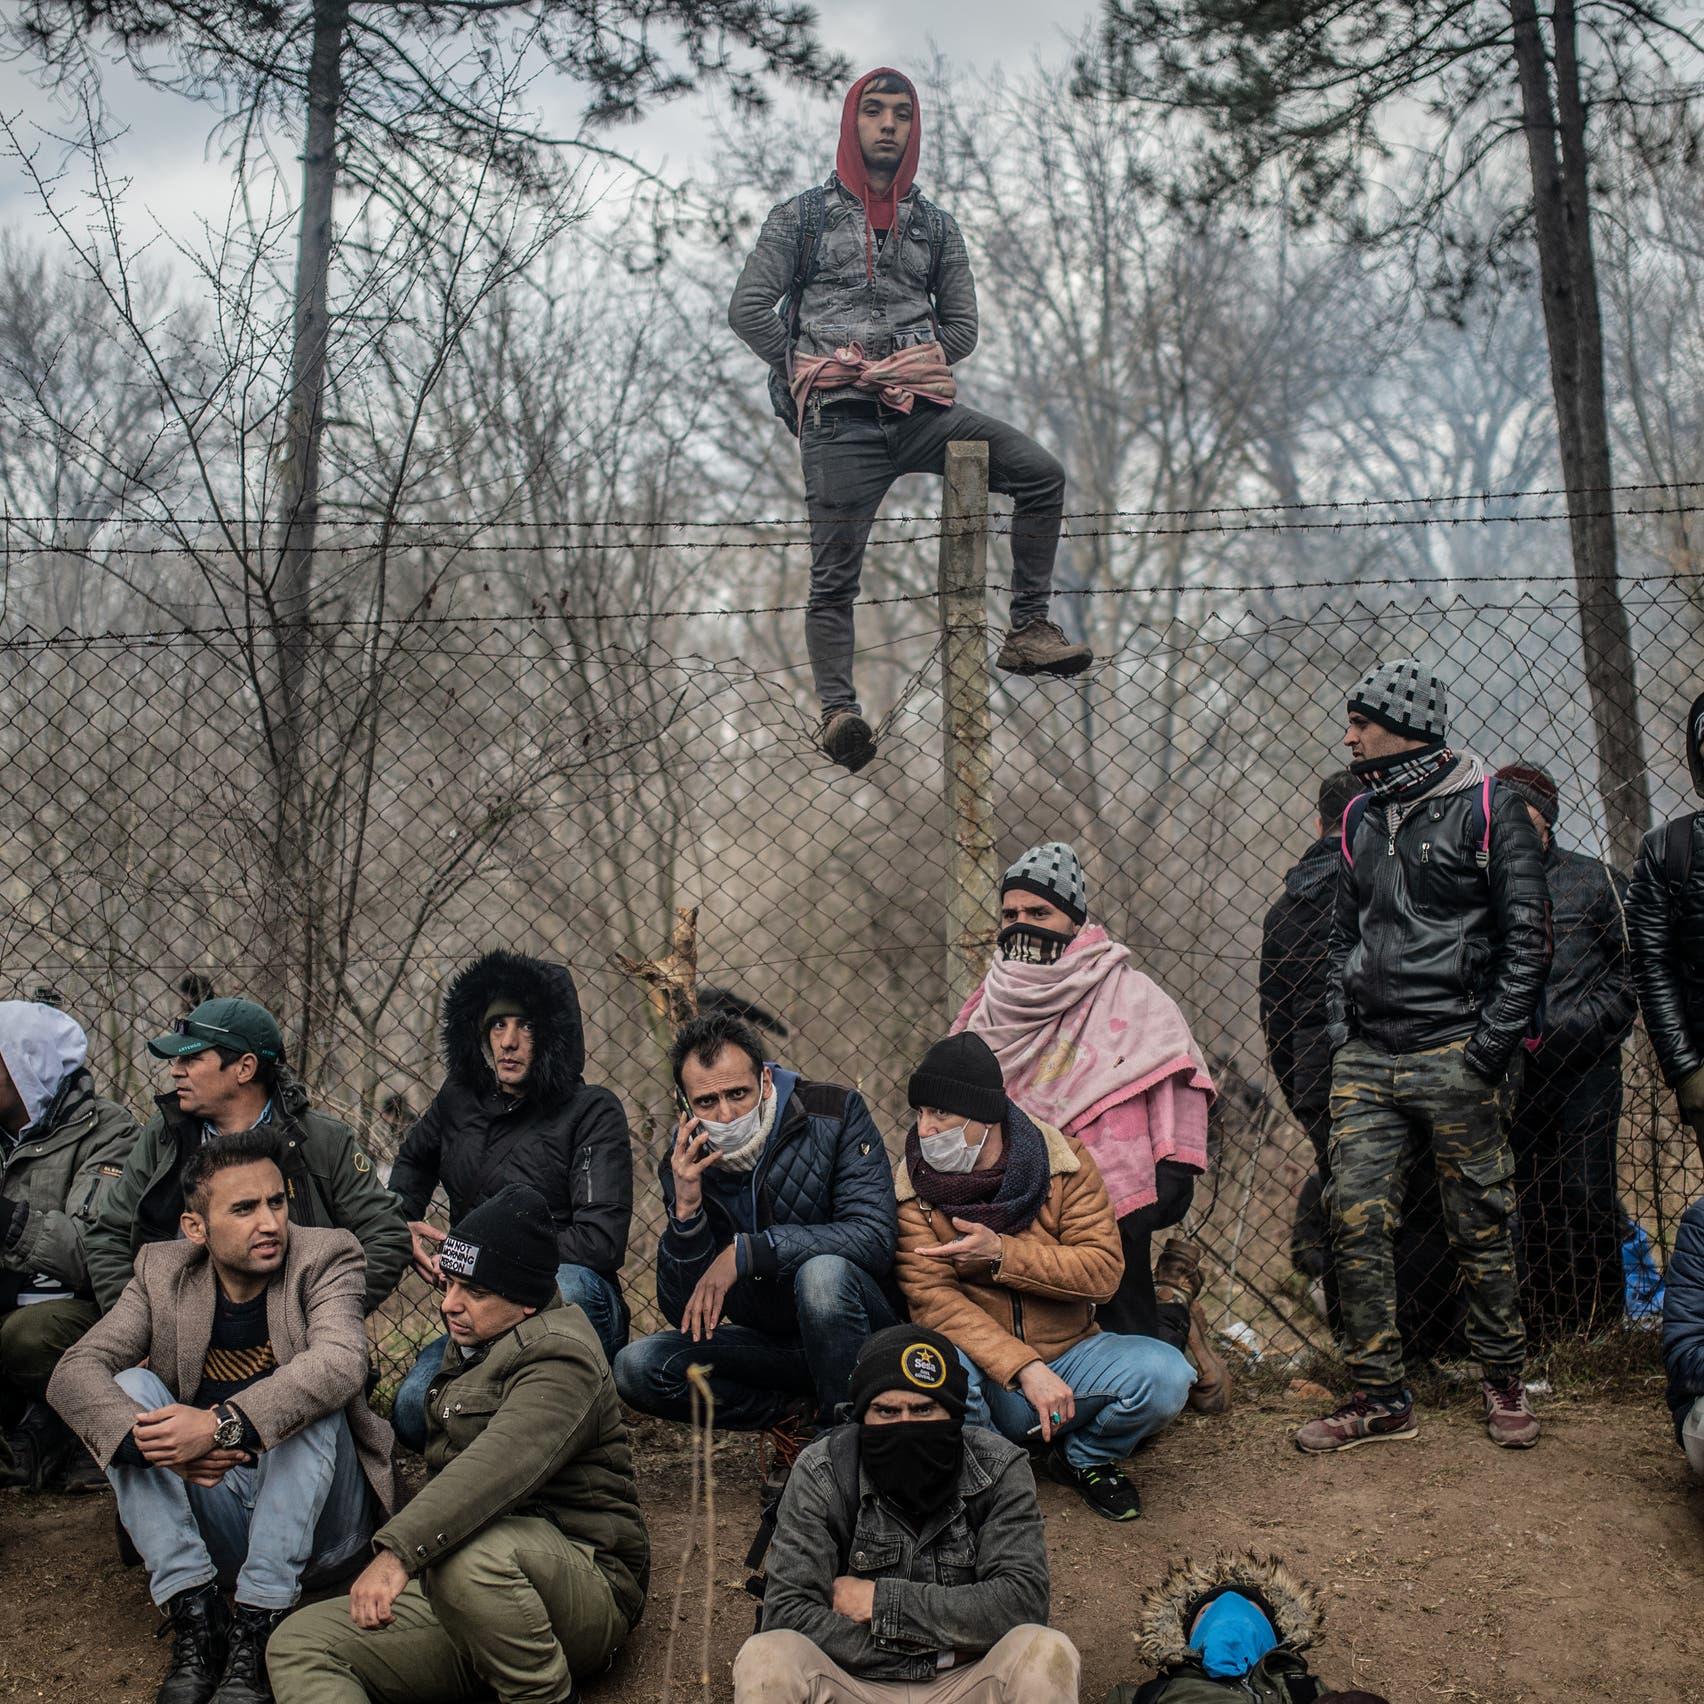 أطفال سوريون يرتجفون برداً.. درب أوروبا ليس مفتوحاً